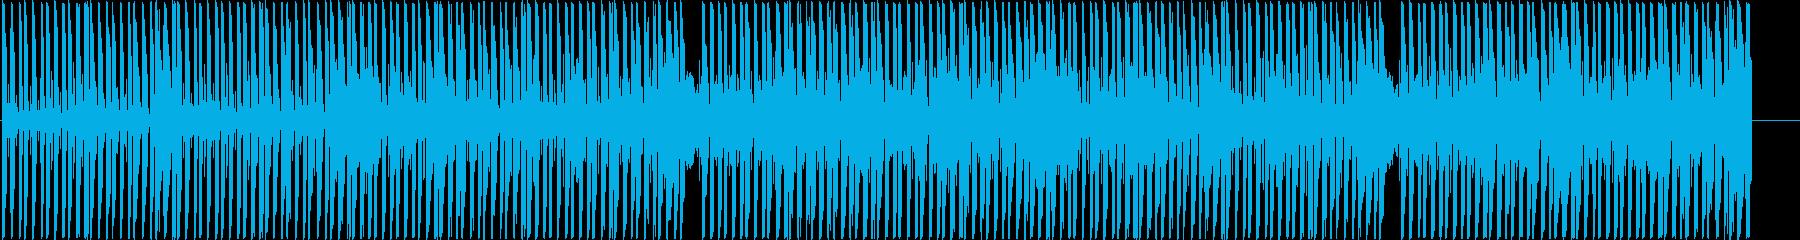 明るいダンスホールレゲエ アフロビートの再生済みの波形